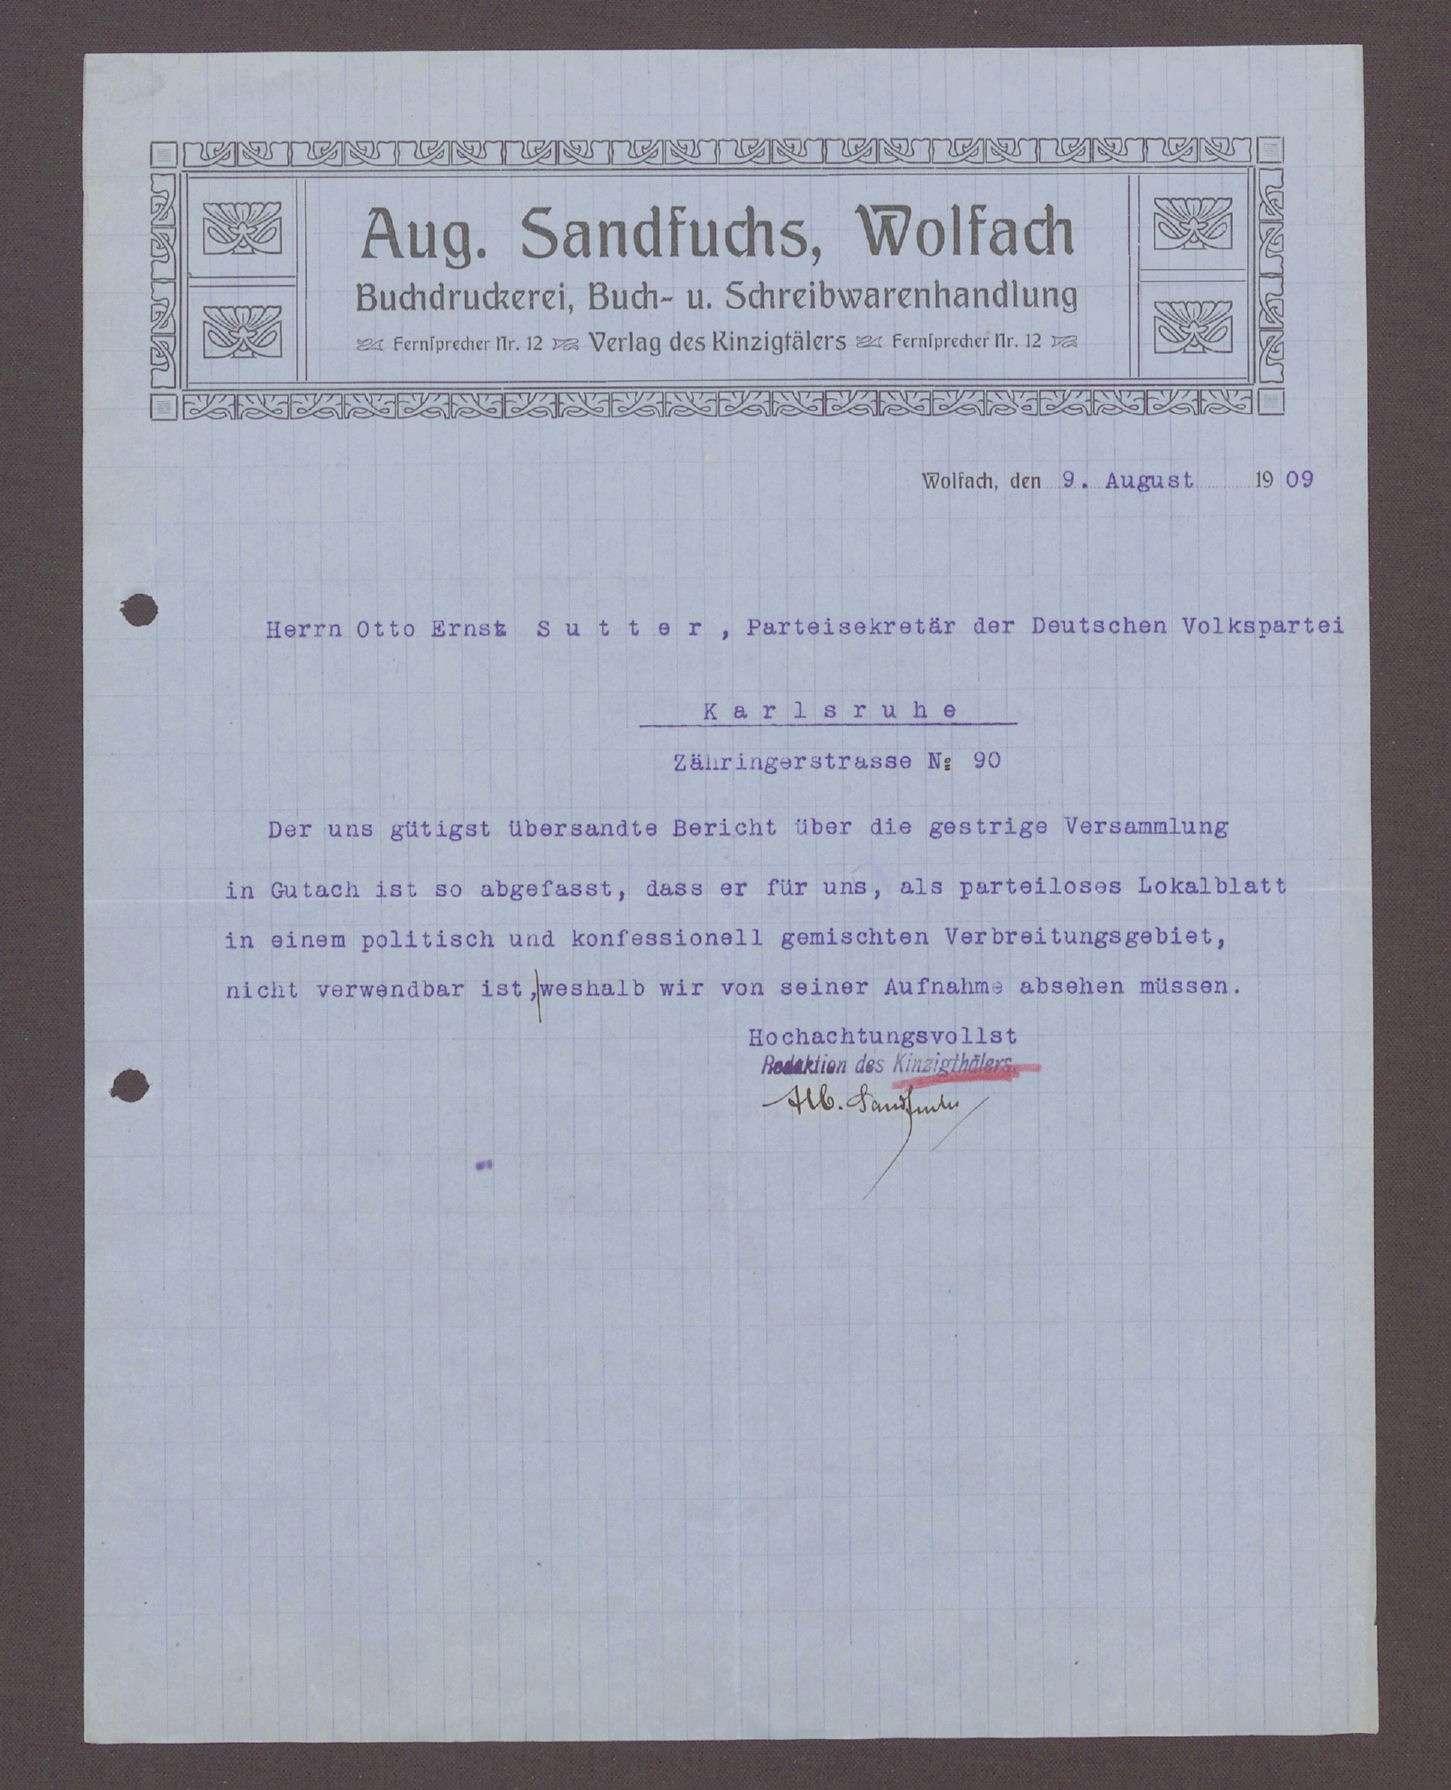 Schreiben von einem Redakteur des Kinzigthälers, Wolfach, an Otto Ernst Sutter, Parteisekretär des Parteibüros des Vereins der DVP: Verweigerung der Aufnahme eines Artikels über eine Versammlung in Gutach, 1 Schreiben, Bild 1